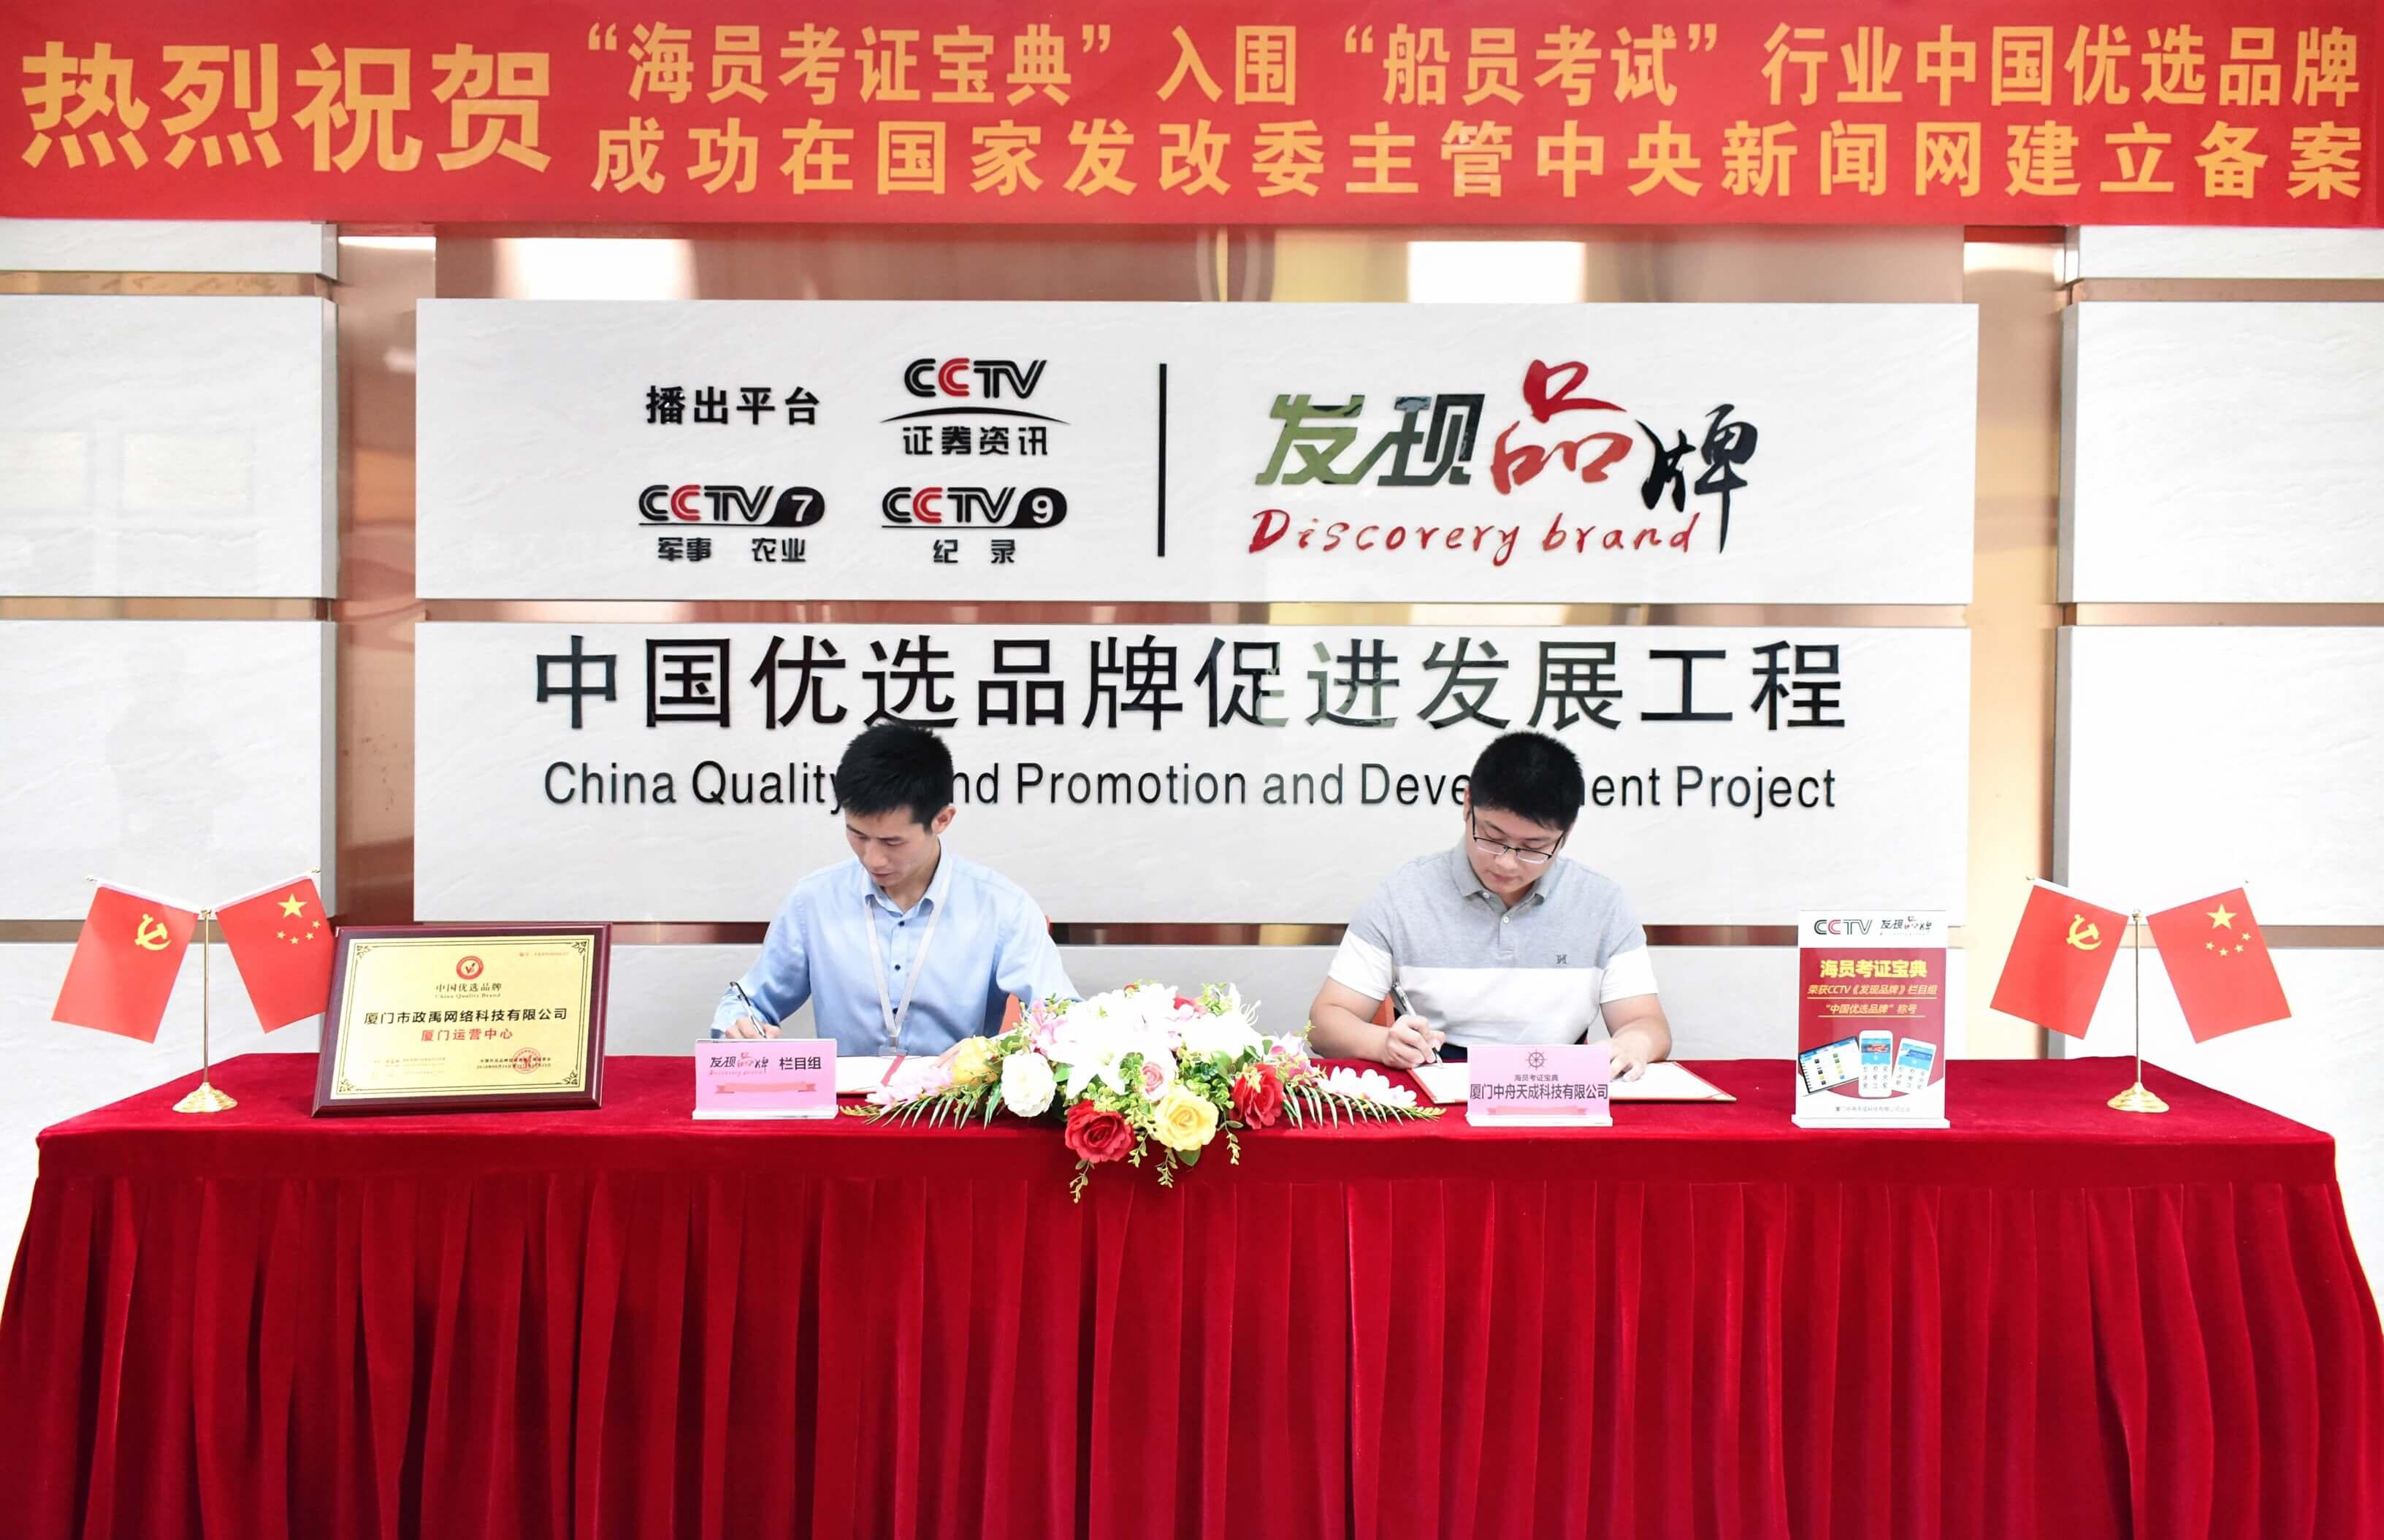 祝贺《海员考证宝典》荣获CCTV发现品牌